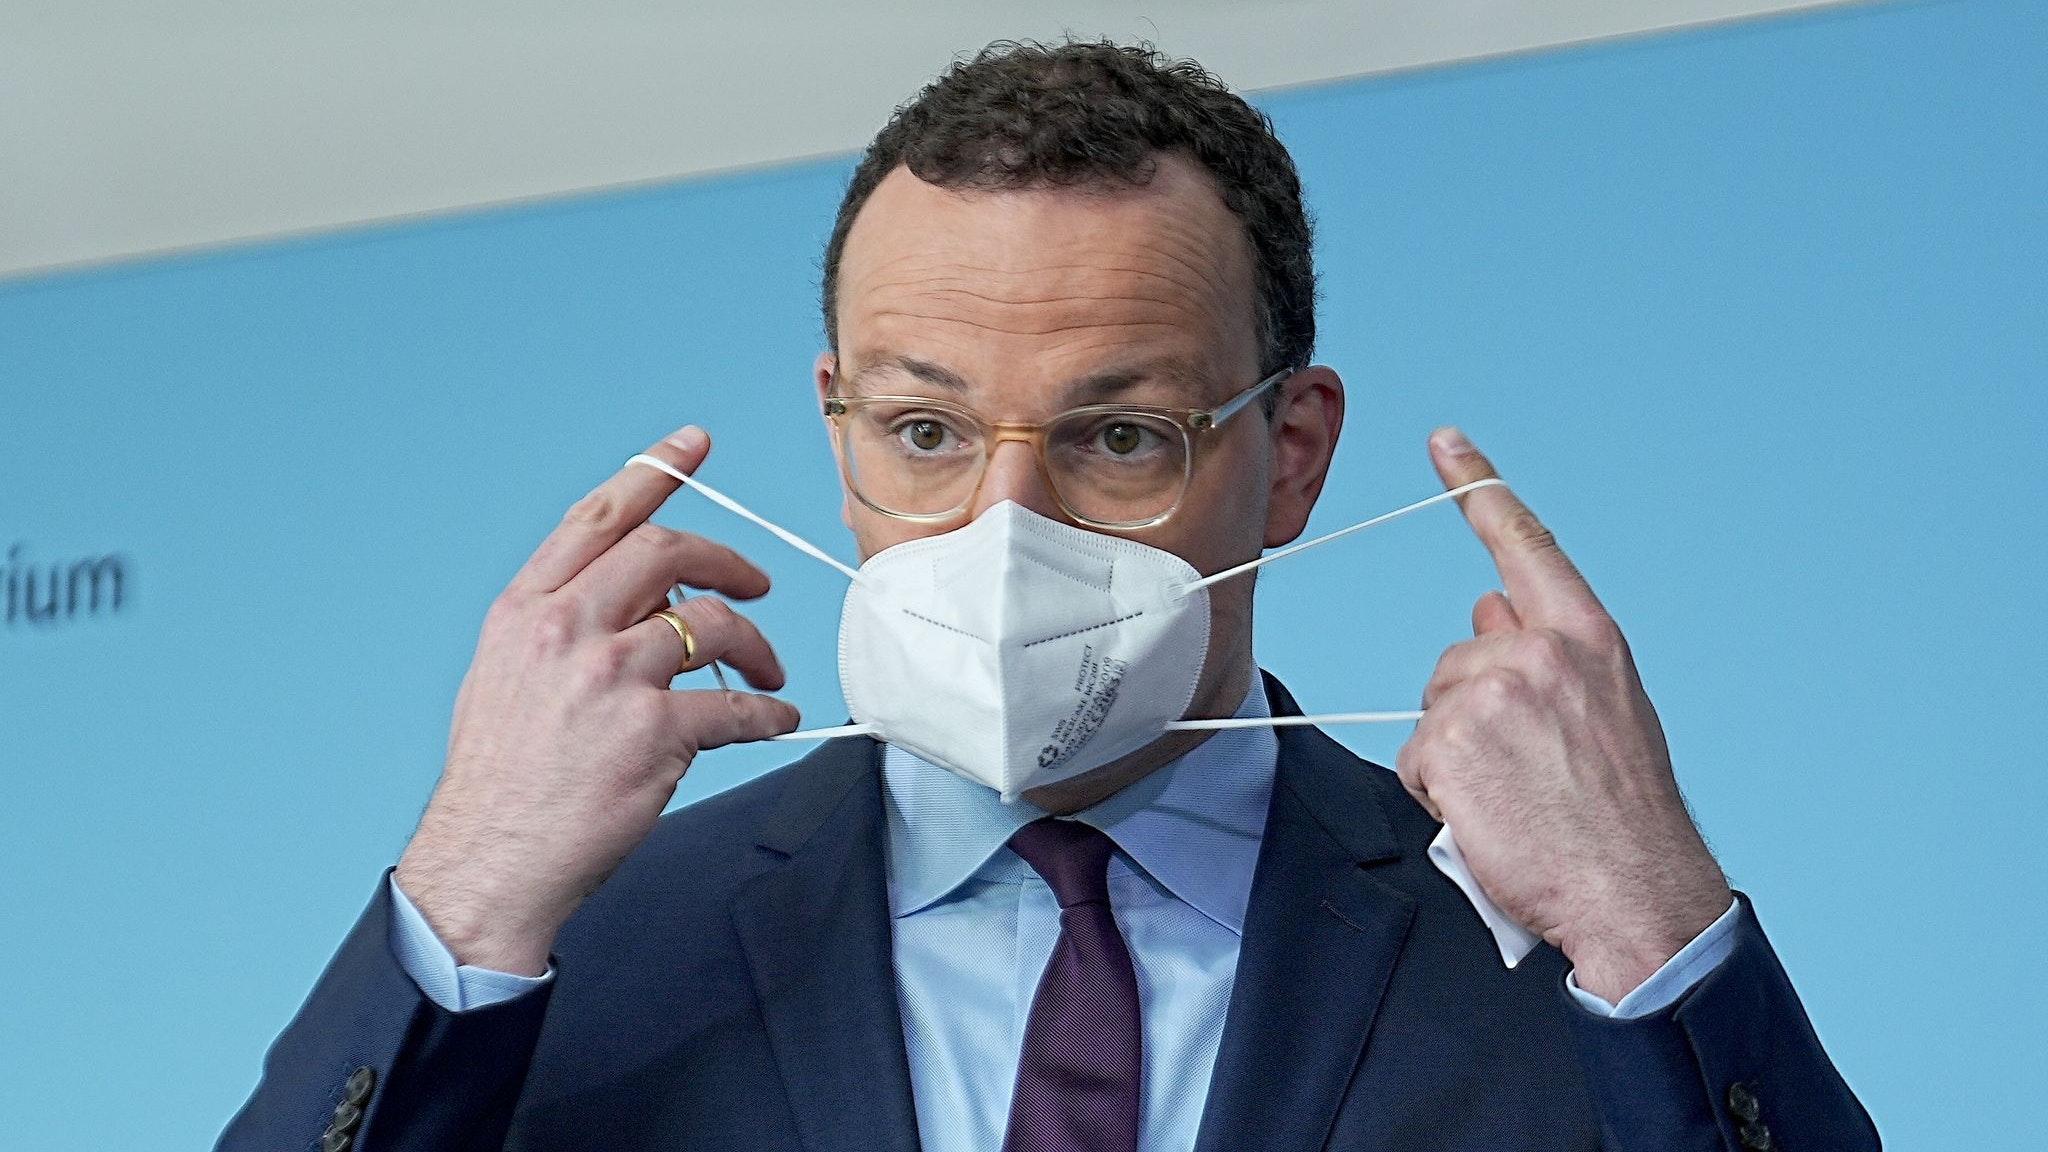 Gesundheitsminister Spahn mahnt zu stärkeren Kontrollen von 3G-Nachweisen an. Foto: dpa/Kappeler